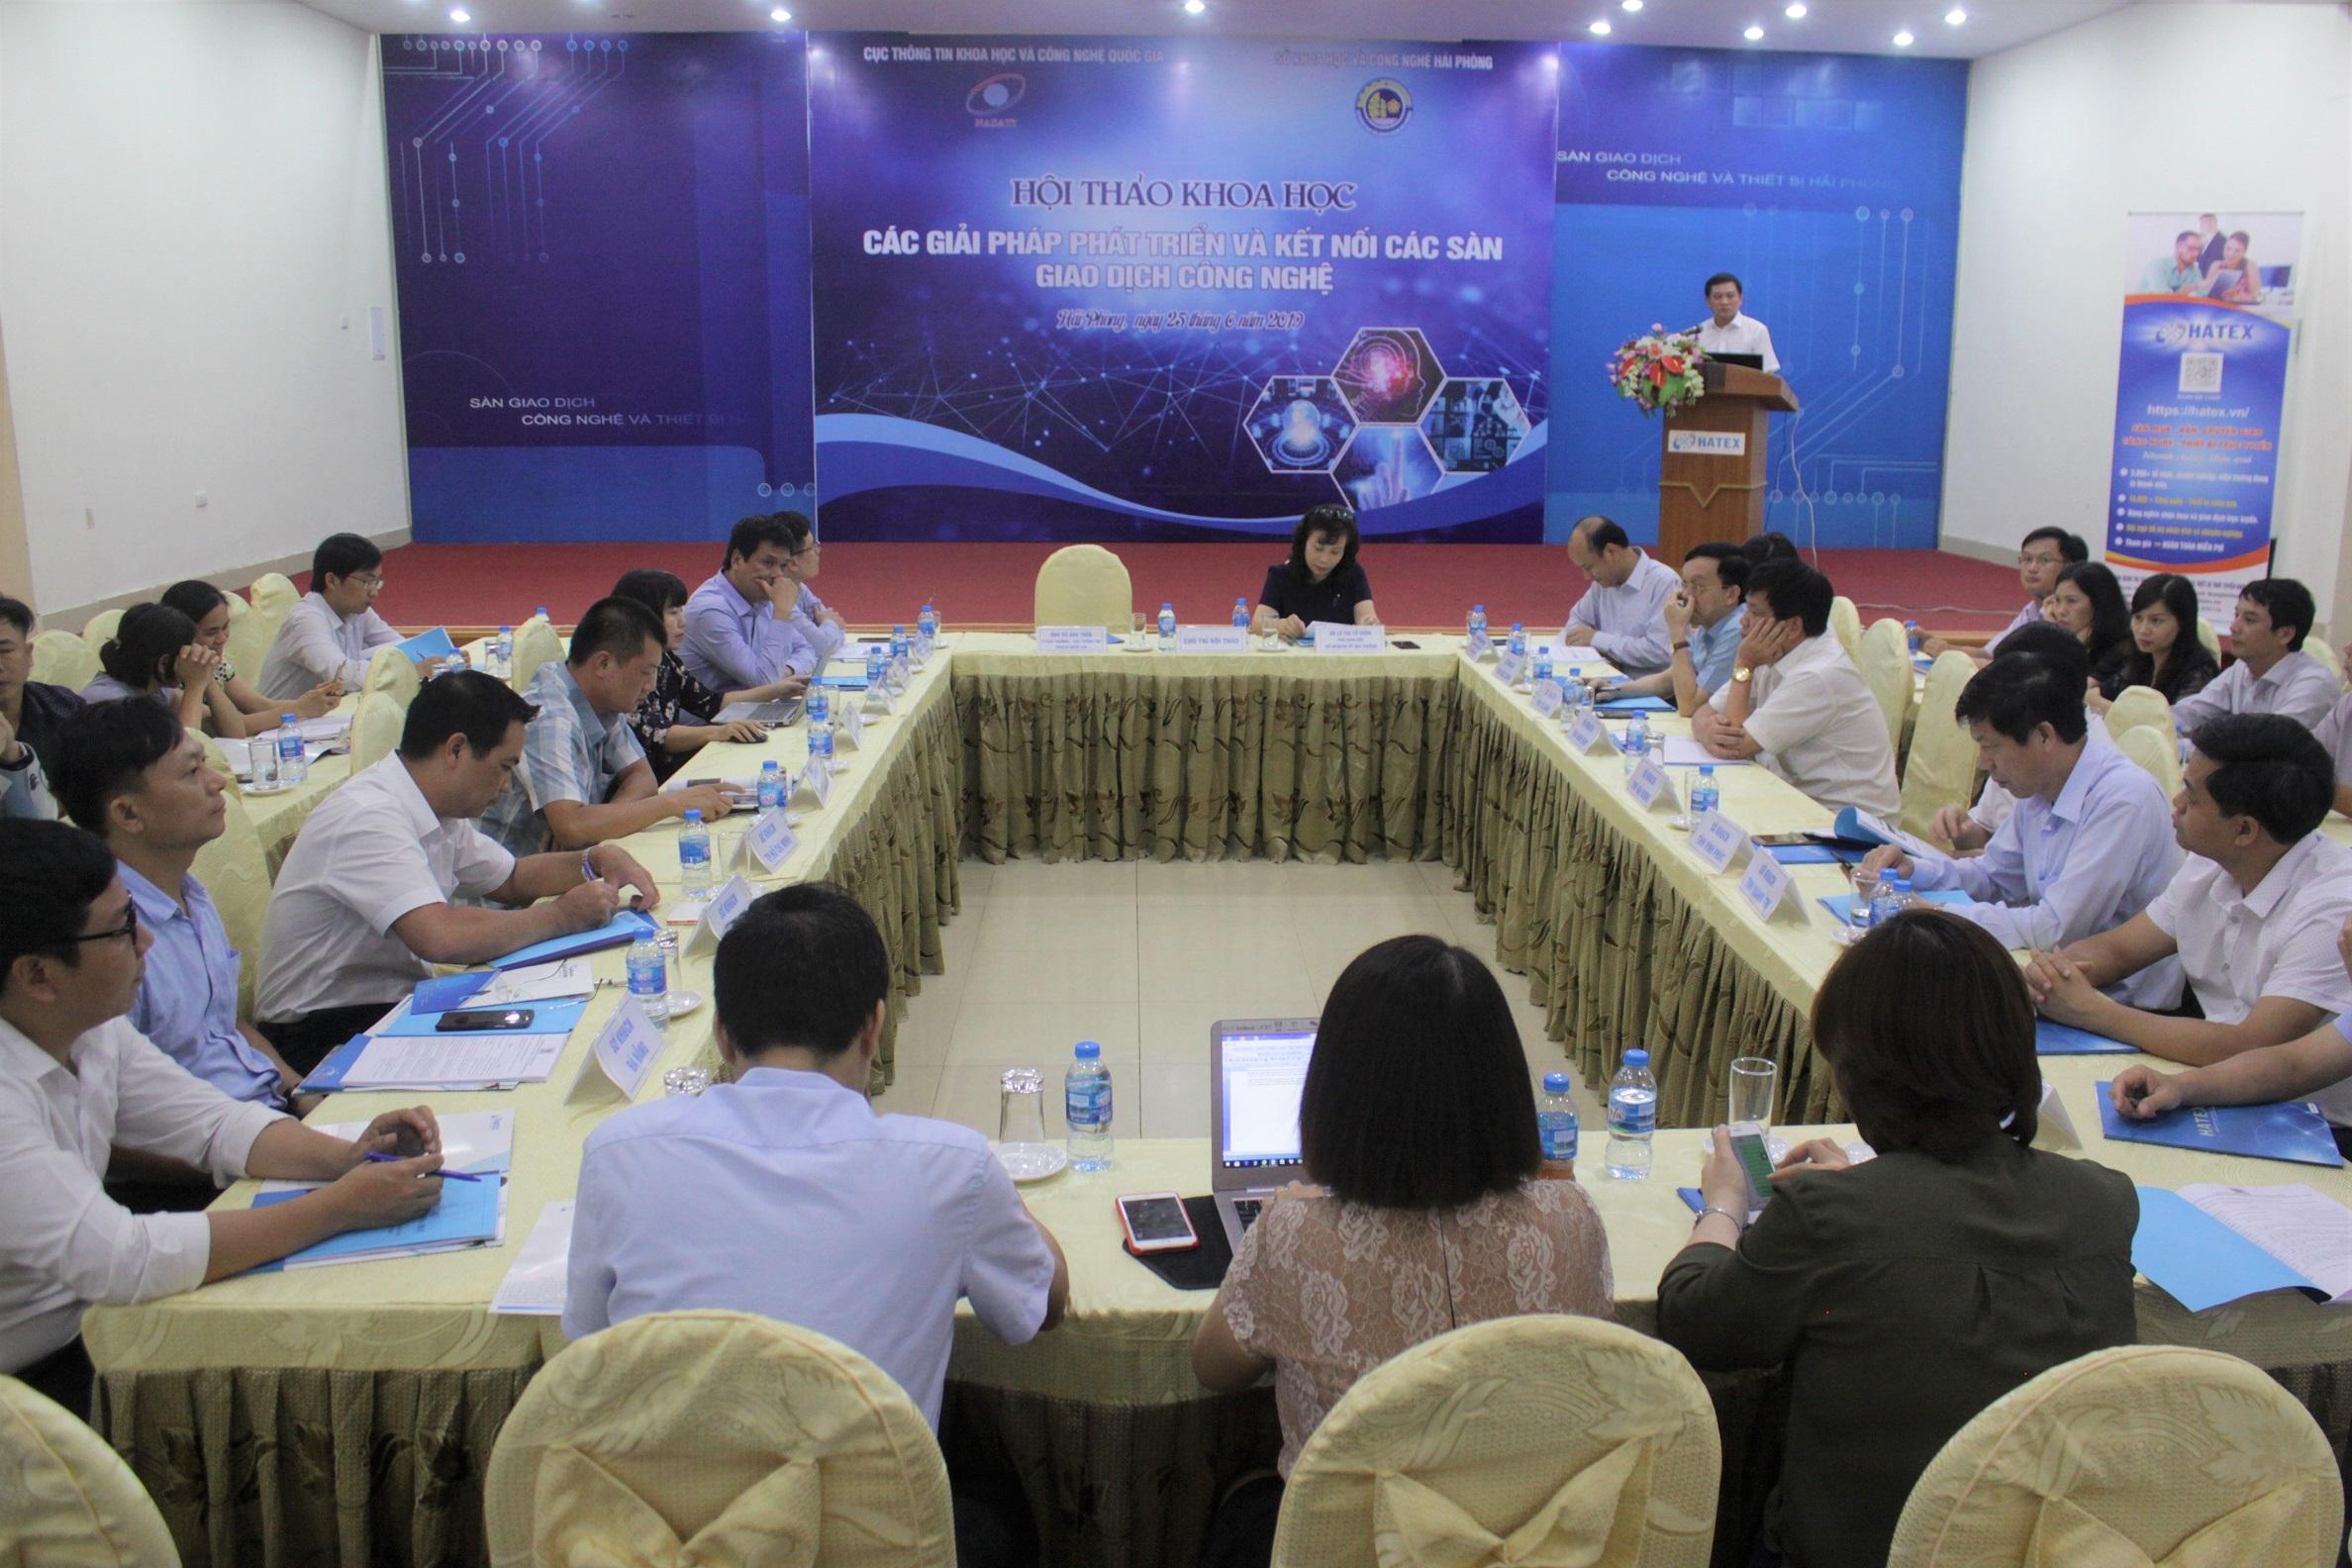 Phát triển thị trường công nghệ: Cần sự liên kết chặt chẽ hơn giữa các sàn giao dịch